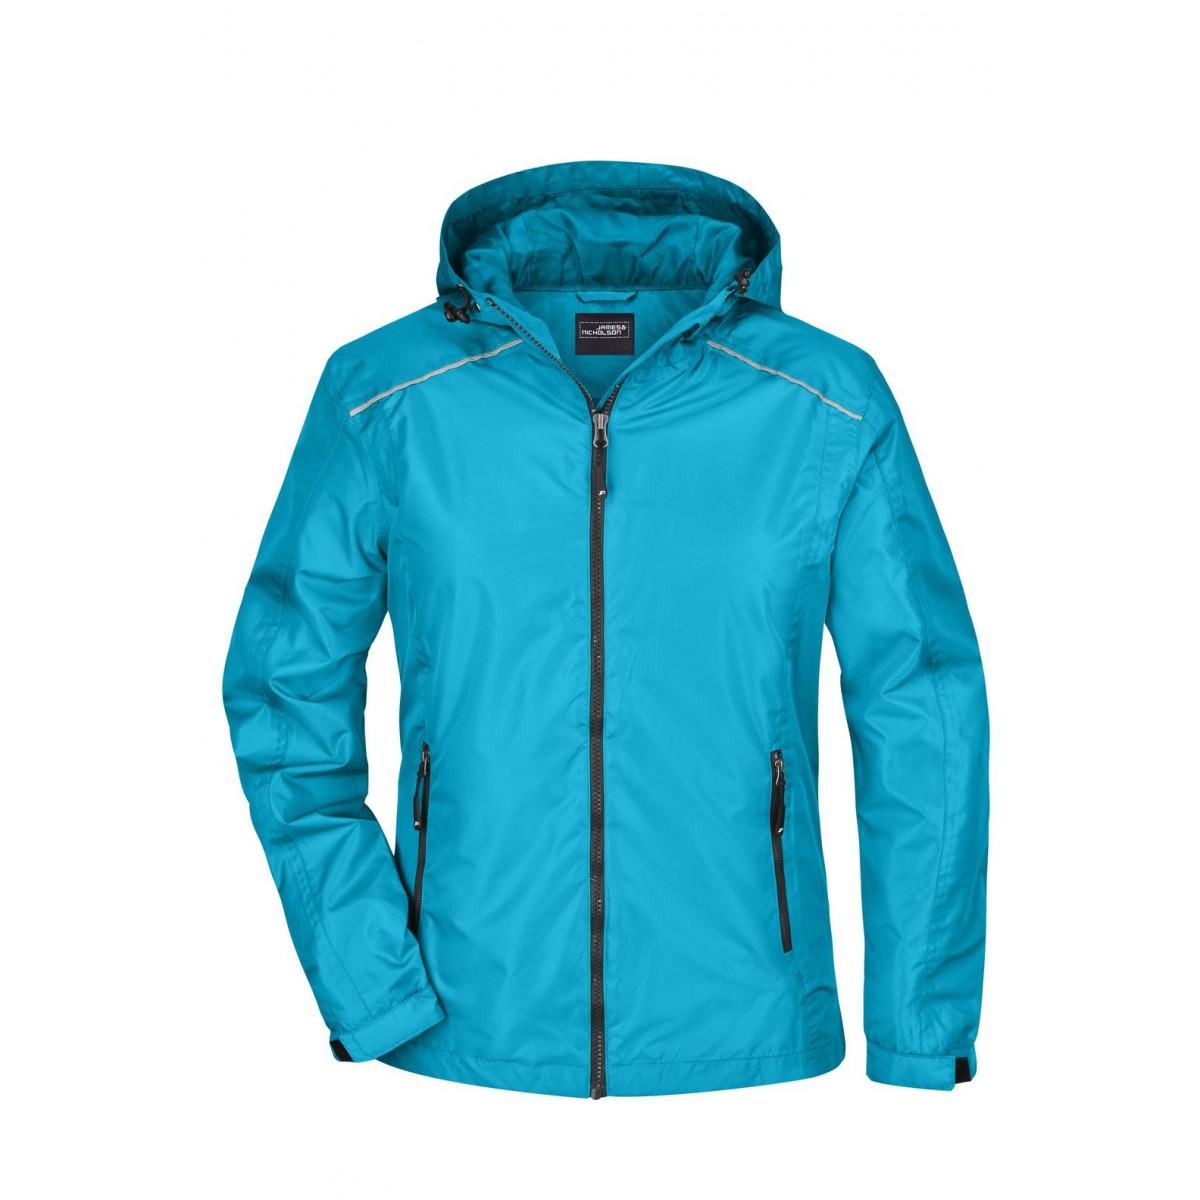 Куртка женская JN1117 Ladies Rain Jacket - Бирюзовый/Стальной